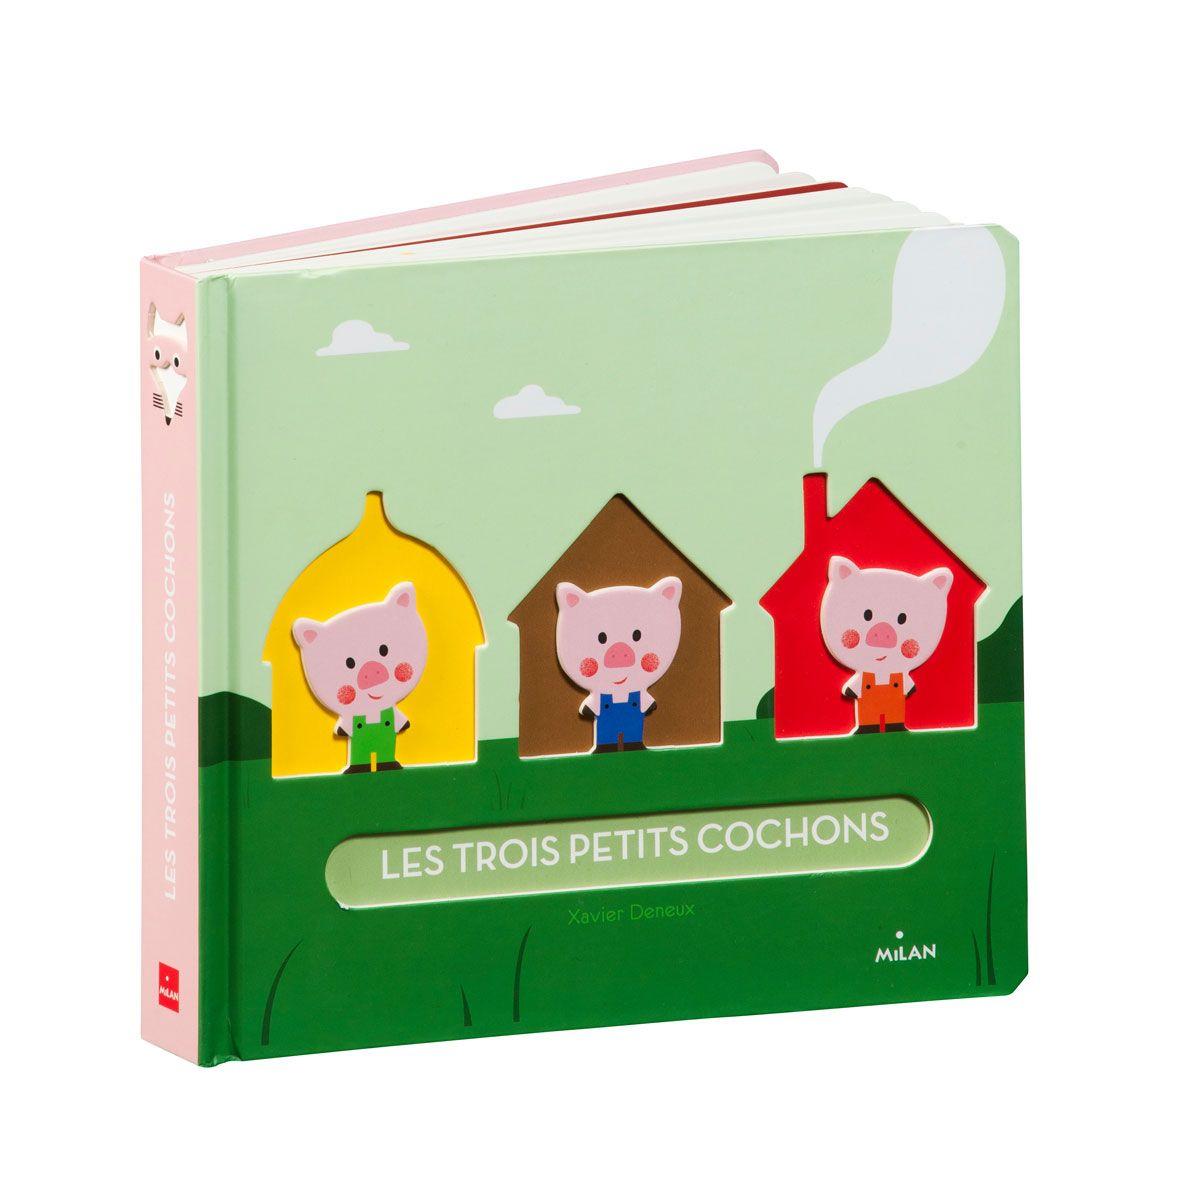 Livre Les trois petits cochons Conte gigogne pour enfant de 2 ans  4 ans